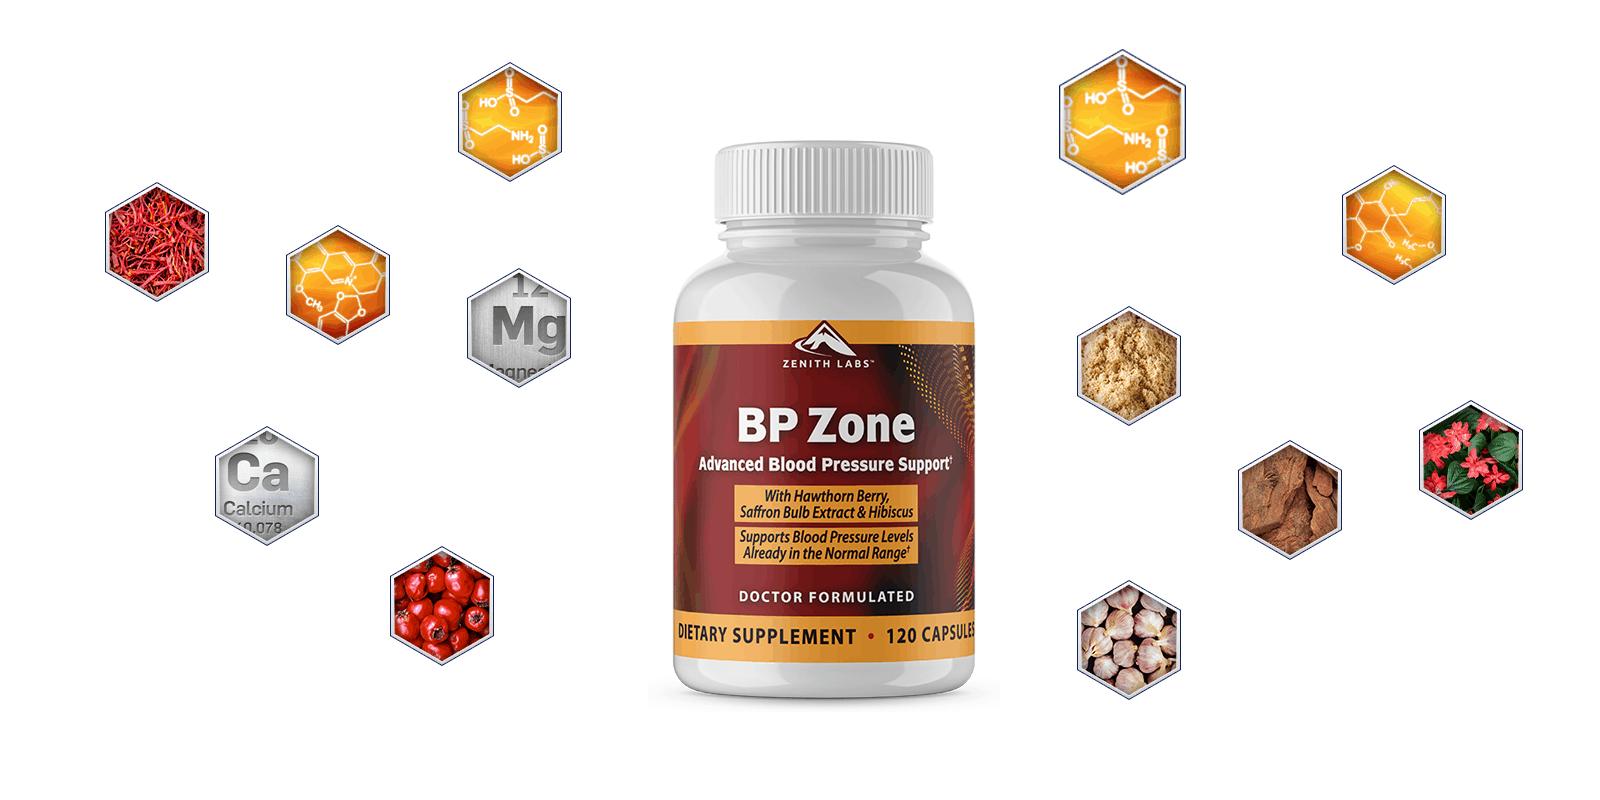 Bp Zone ingredients